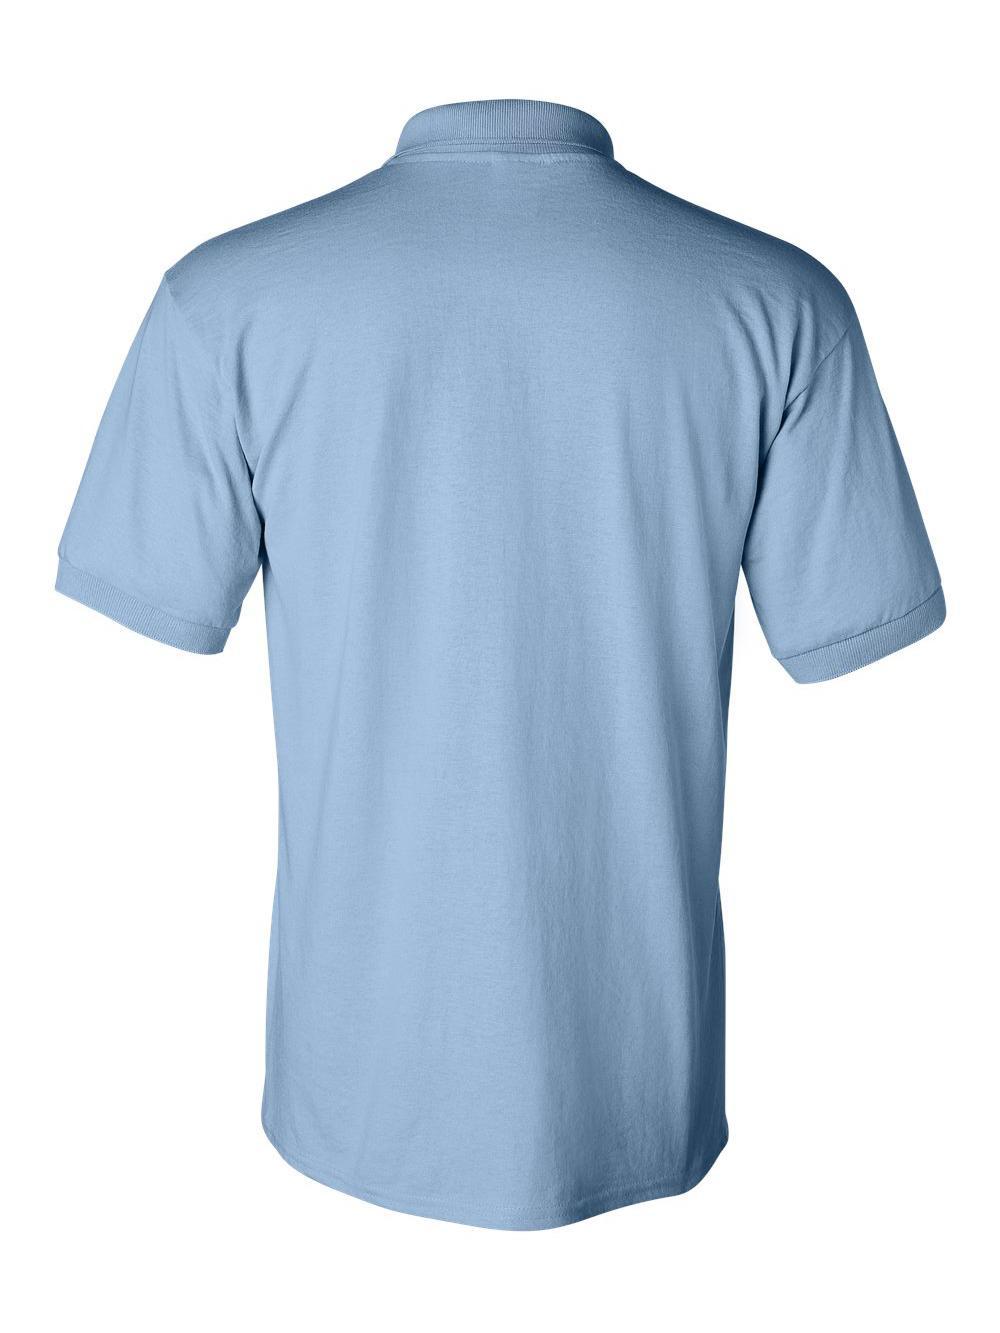 Gildan-DryBlend-Jersey-Sport-Shirt-8800 thumbnail 37